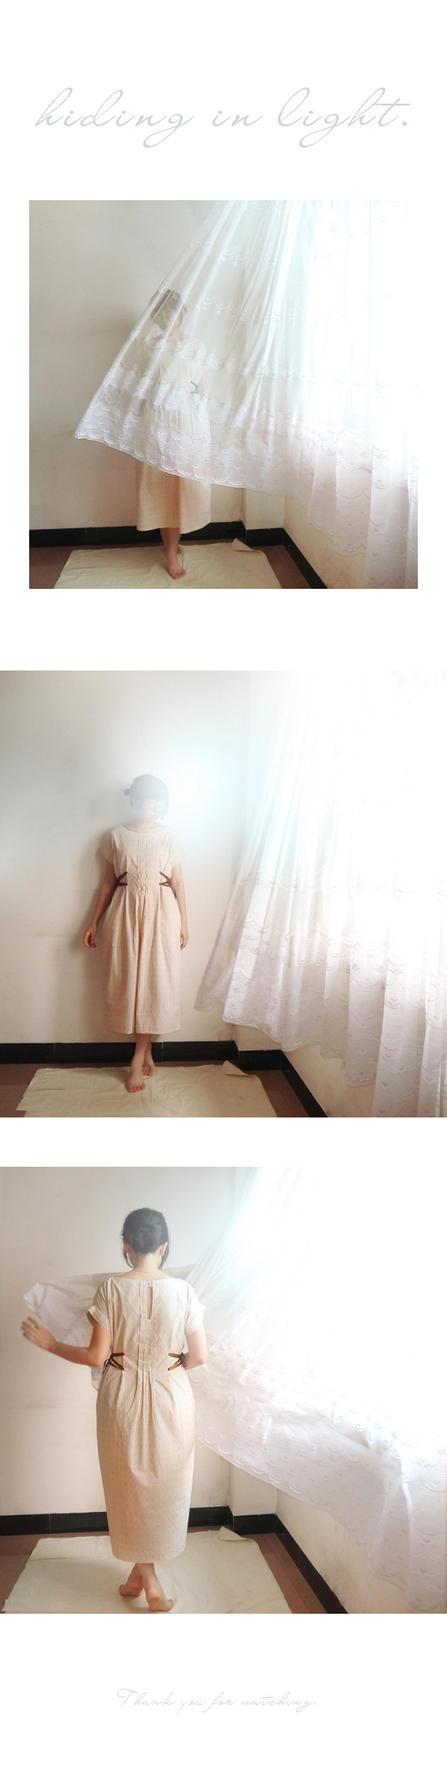 hiding in light. by ASingleGiraffe